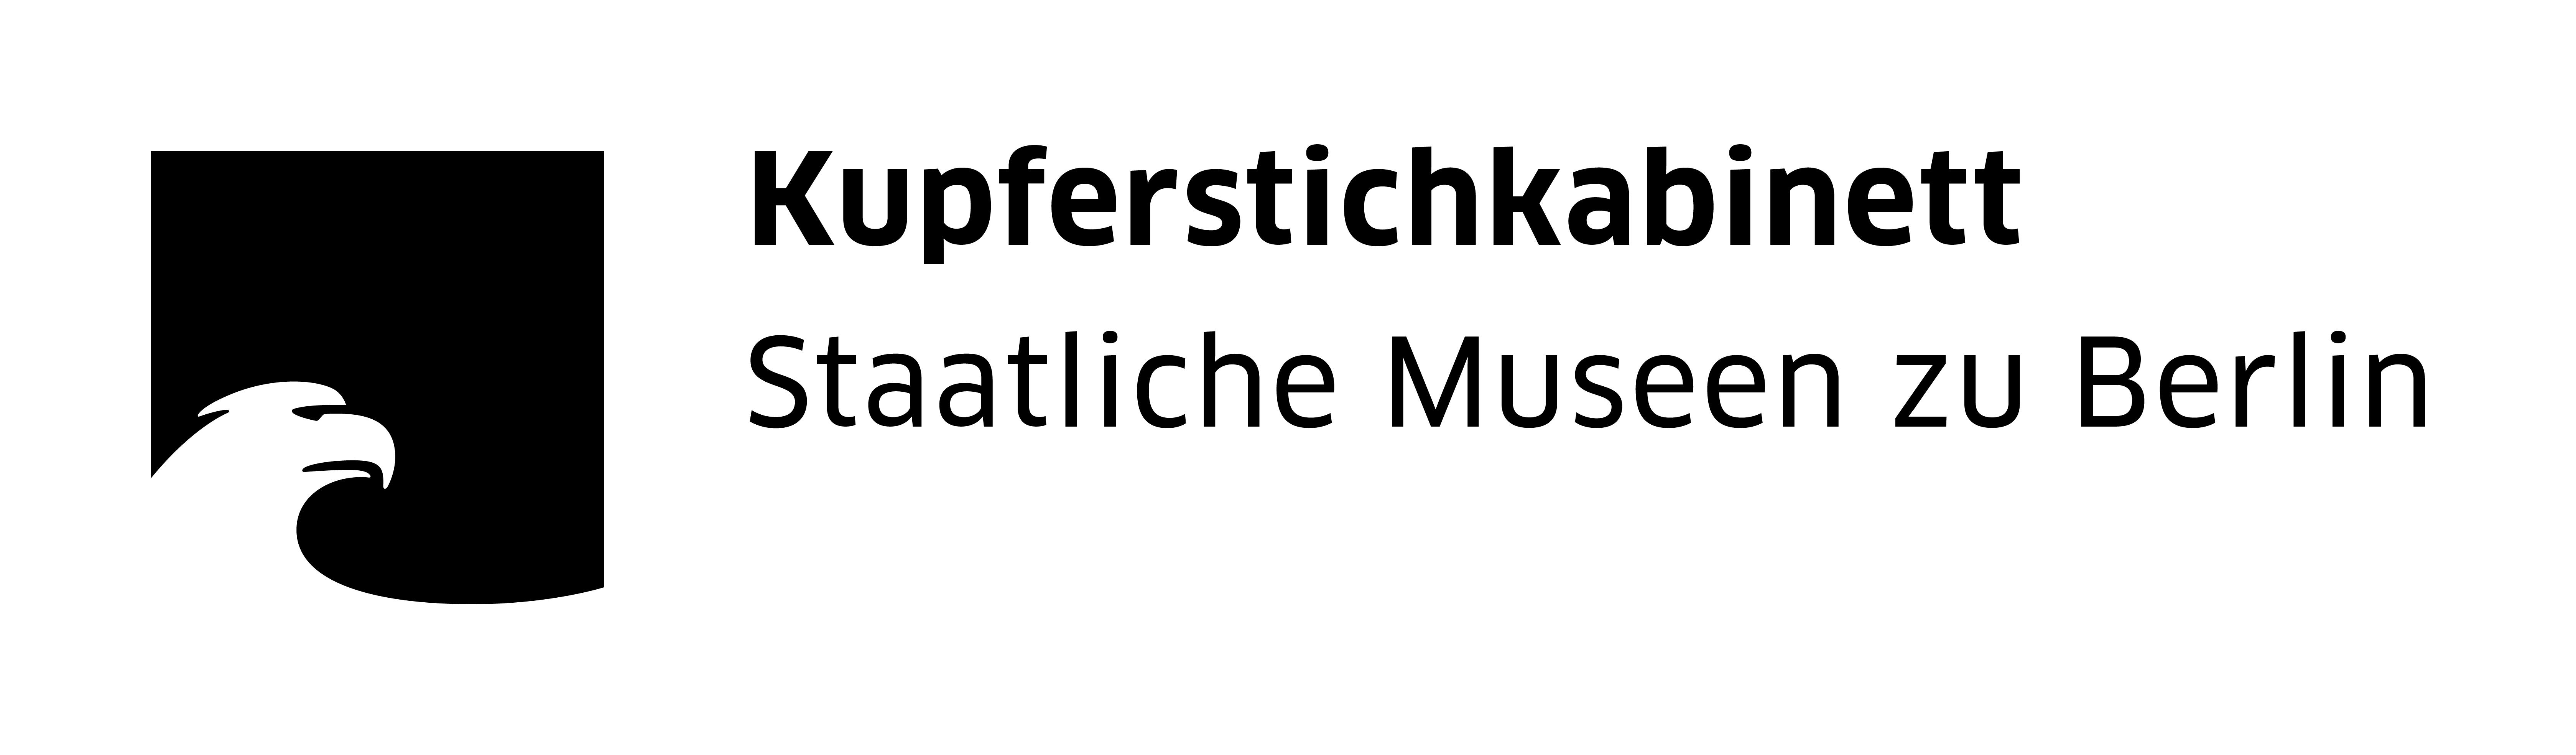 Kupferstichkabinett - Staatliche Museen zu Berlin